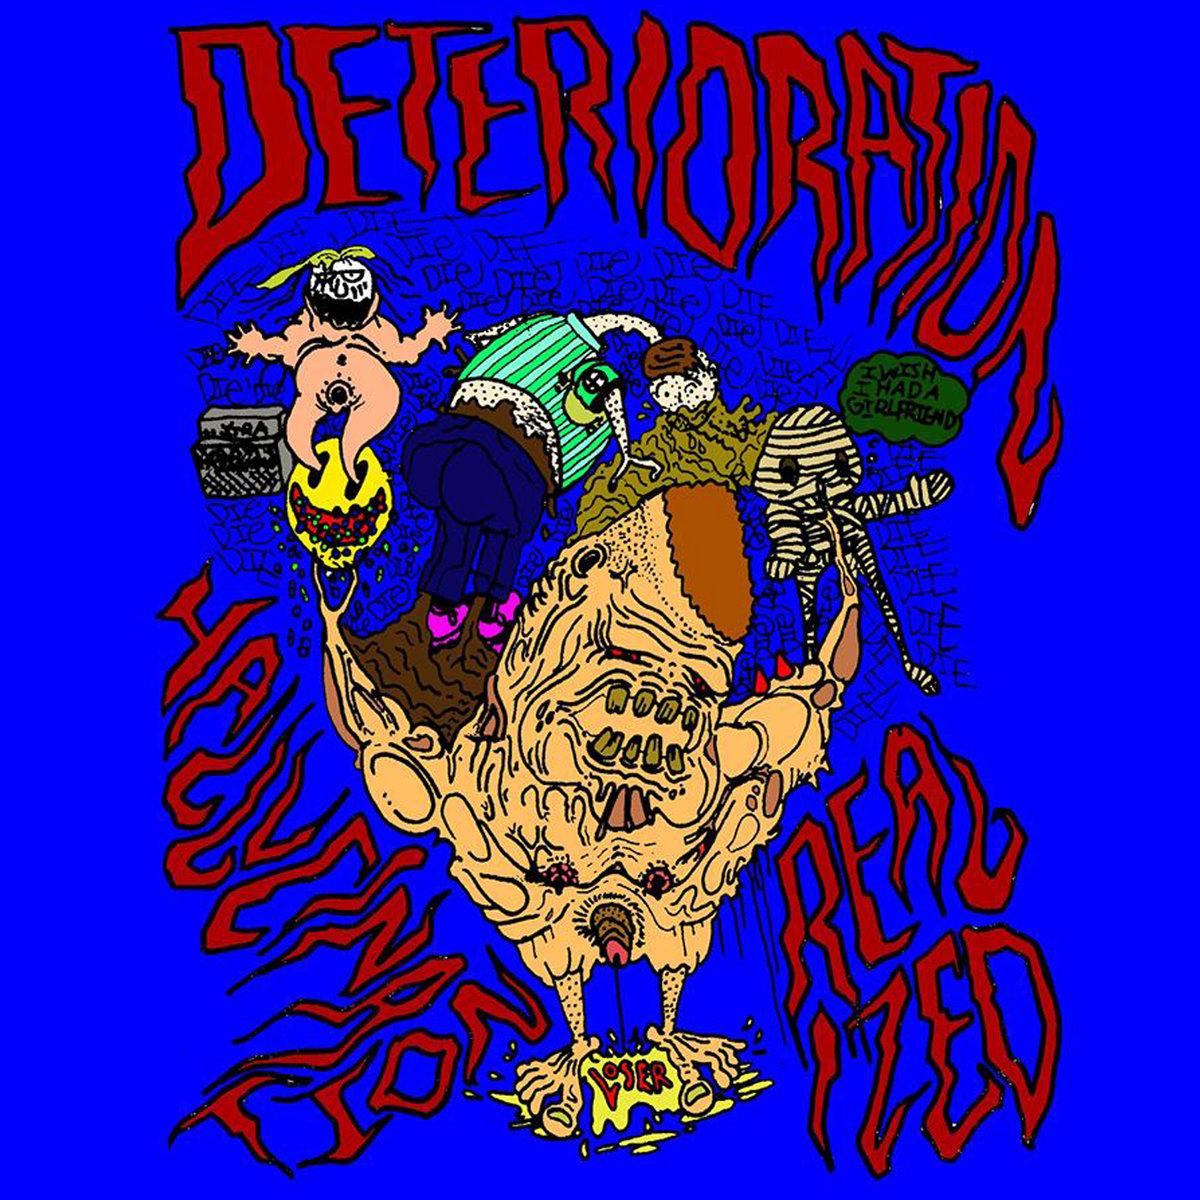 deterioration